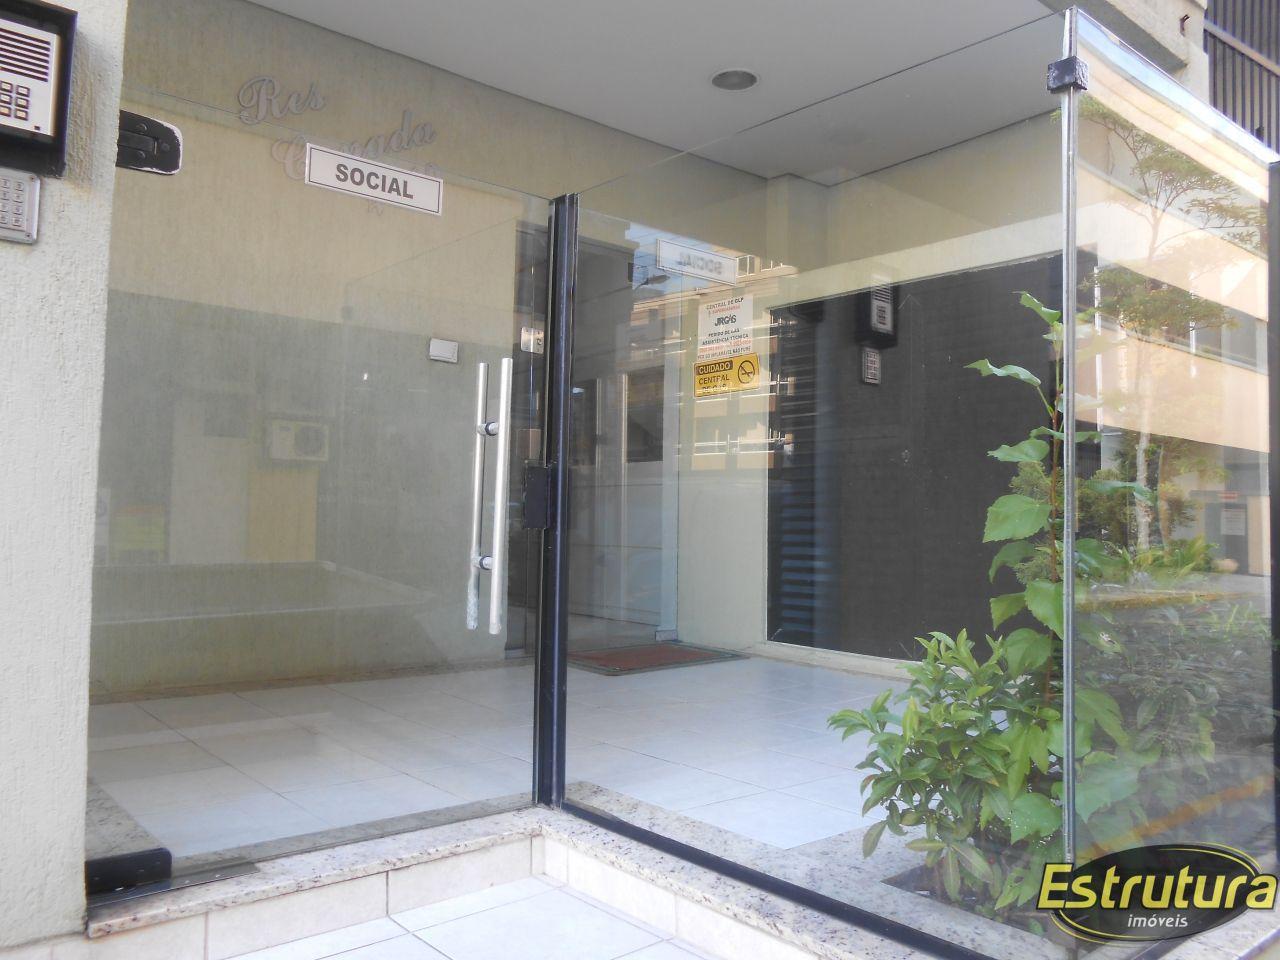 Cobertura com 3 Dormitórios para alugar, 216 m² por R$ 750,00